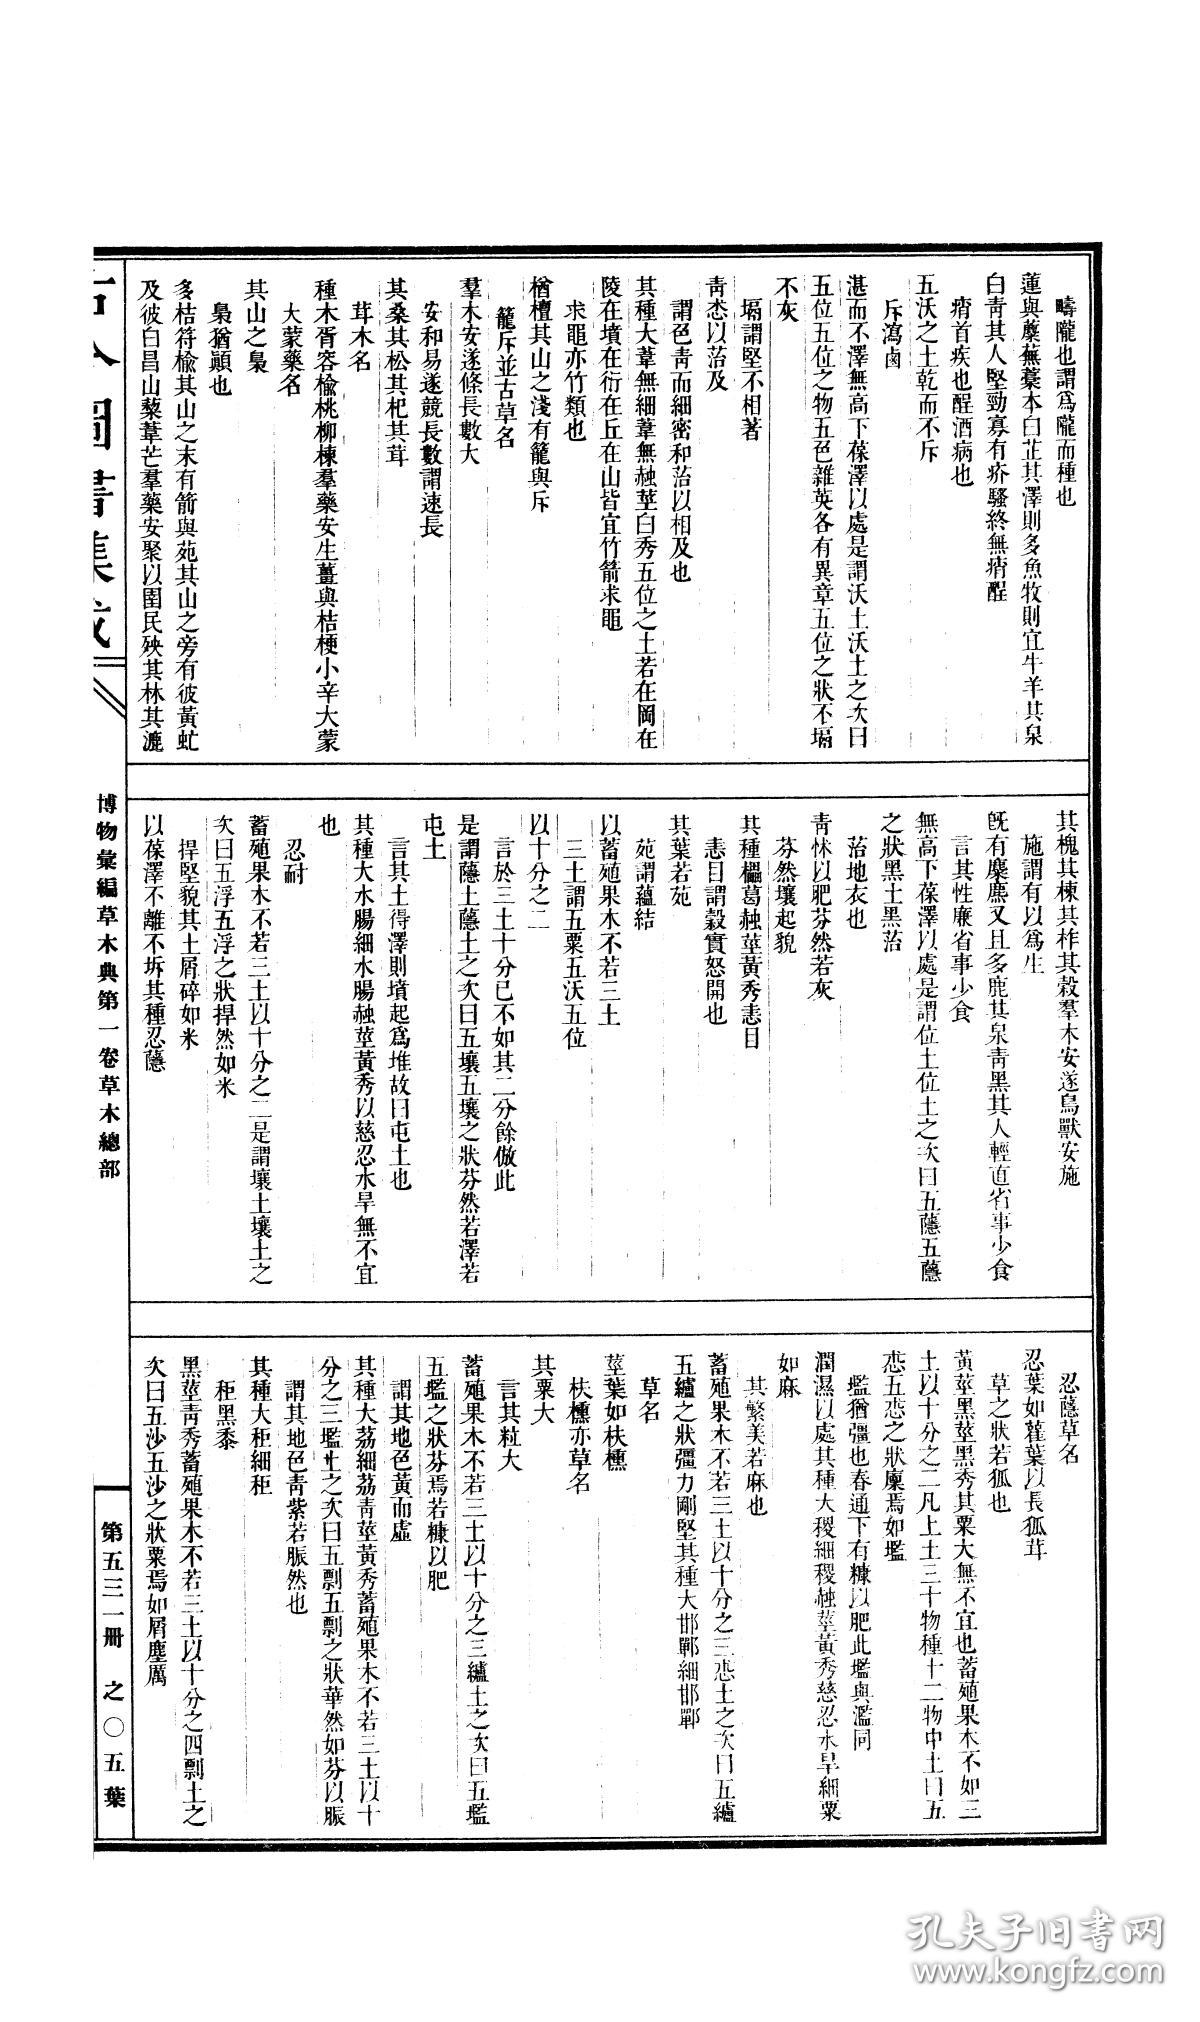 古今图书集成:博物汇编·草木典【复印本】图片